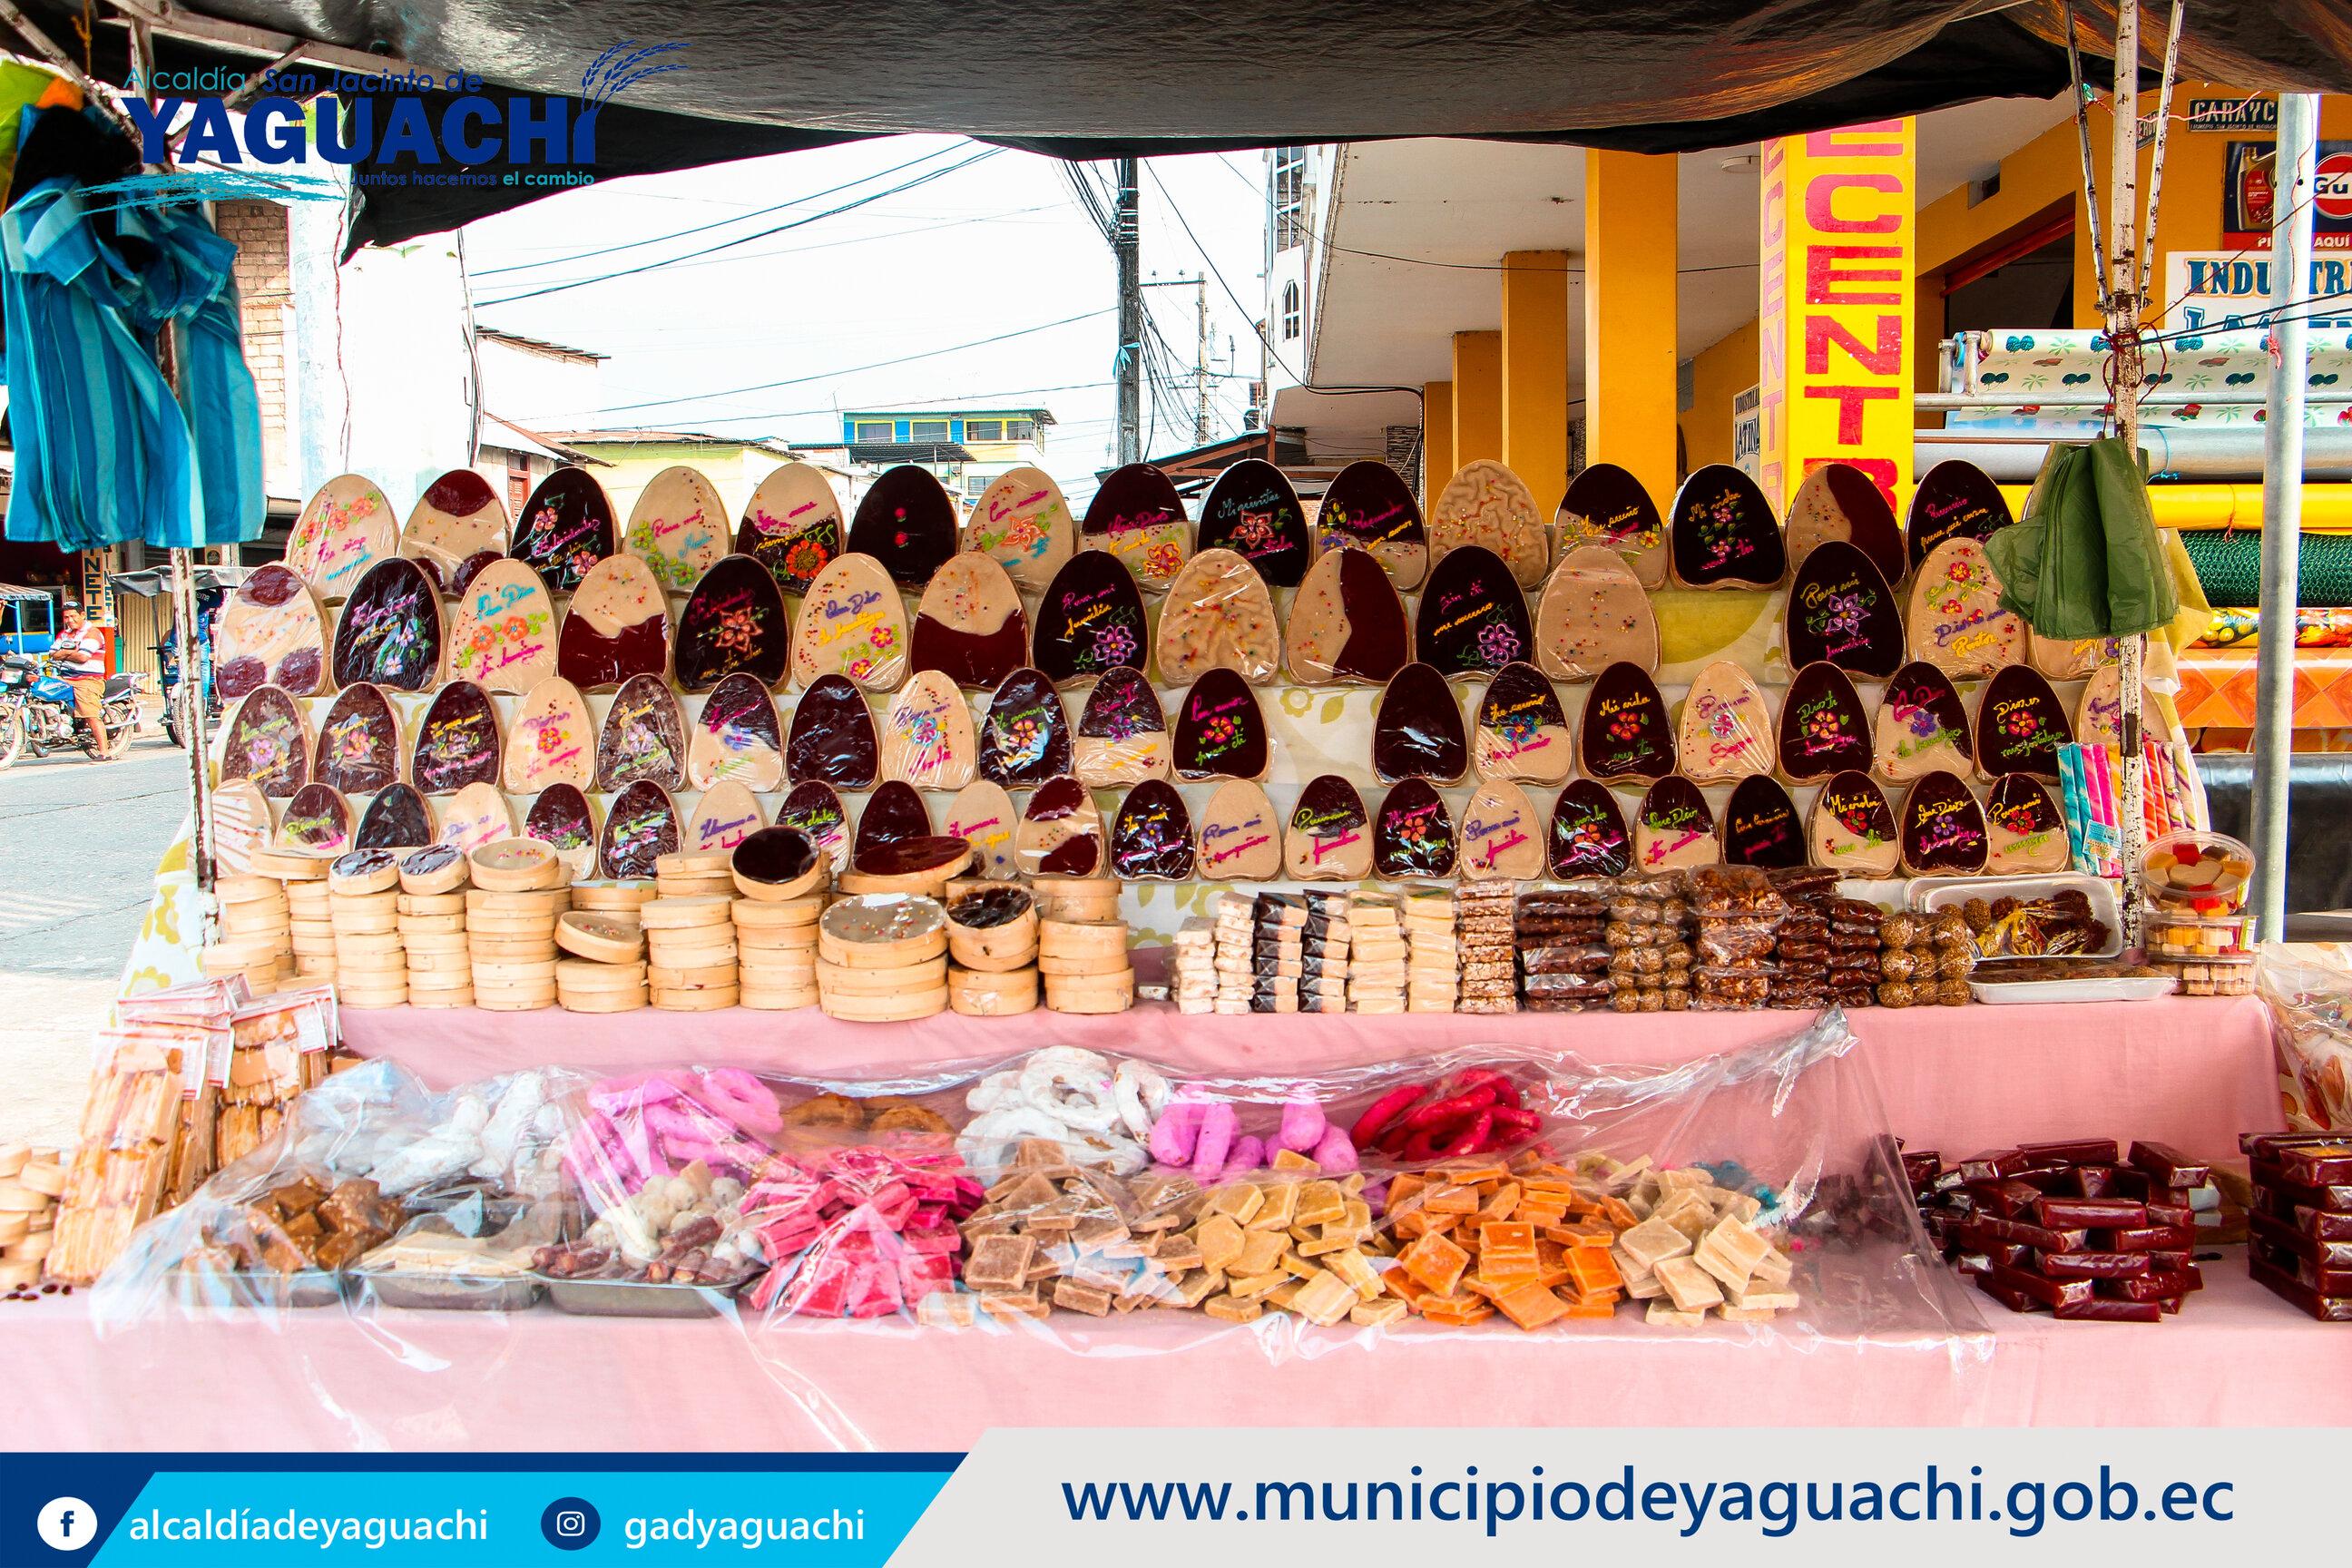 dulces-yaguachi